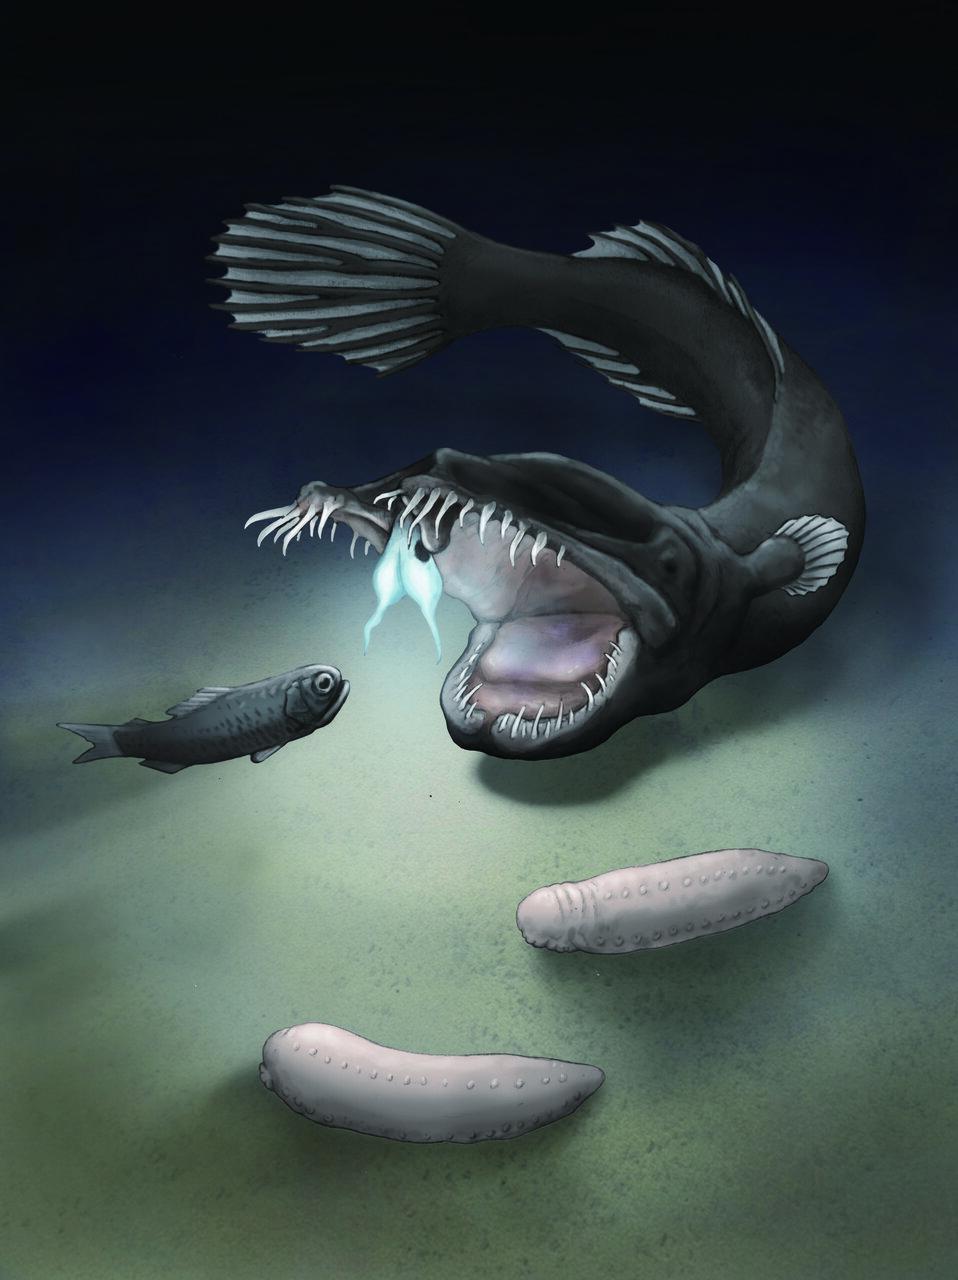 (EX MOVE 深海の生きもの)P34に関連